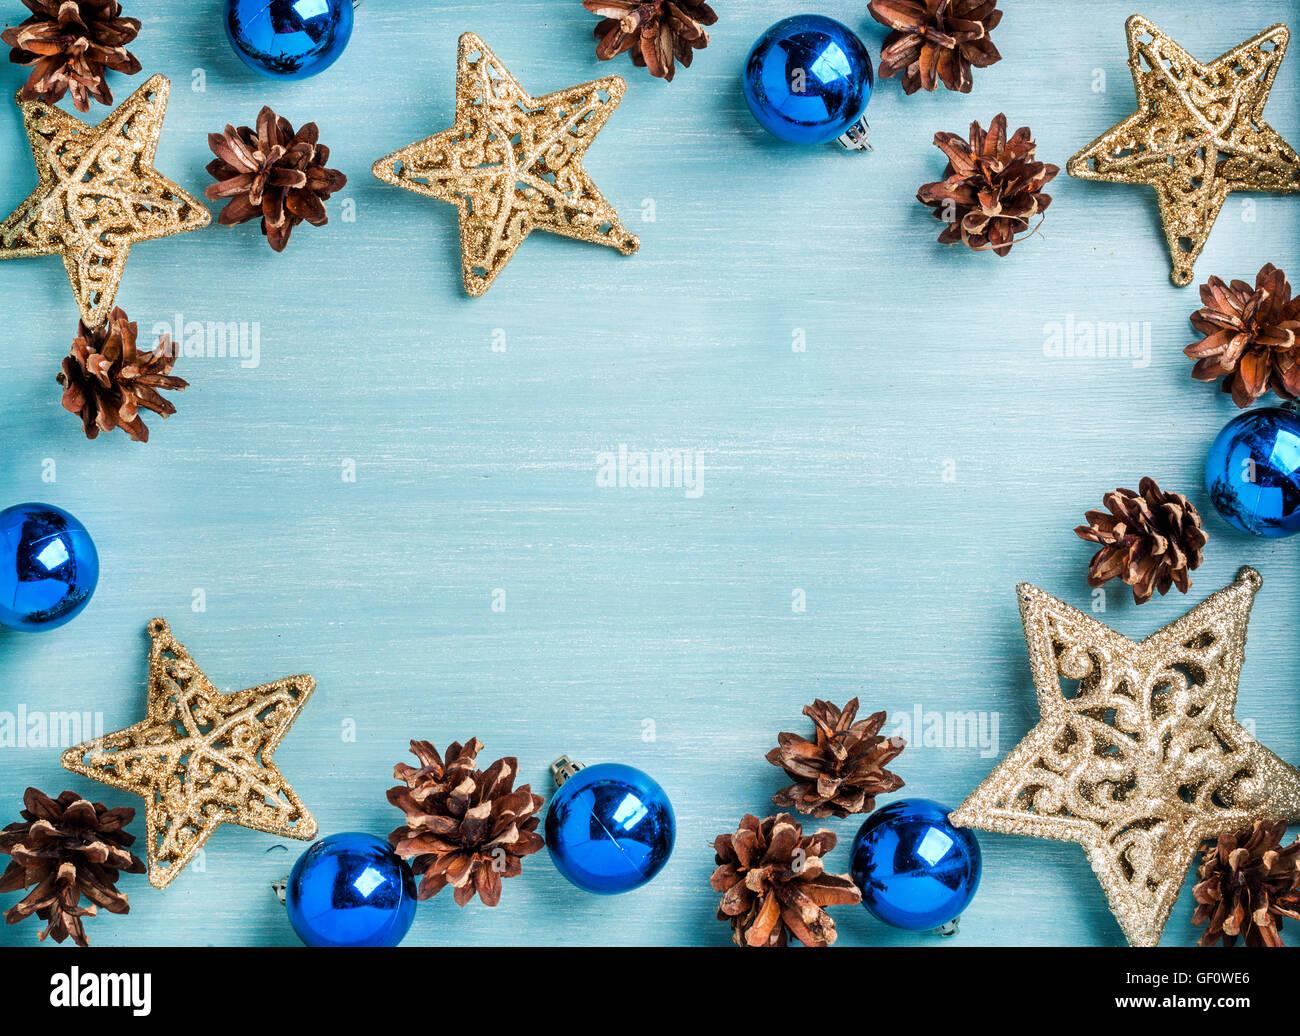 Weihnachten oder Neujahr Hintergrund: Goldene Sterne, blaue Glaskugeln und Zapfen über Türkis hölzernen Stockbild